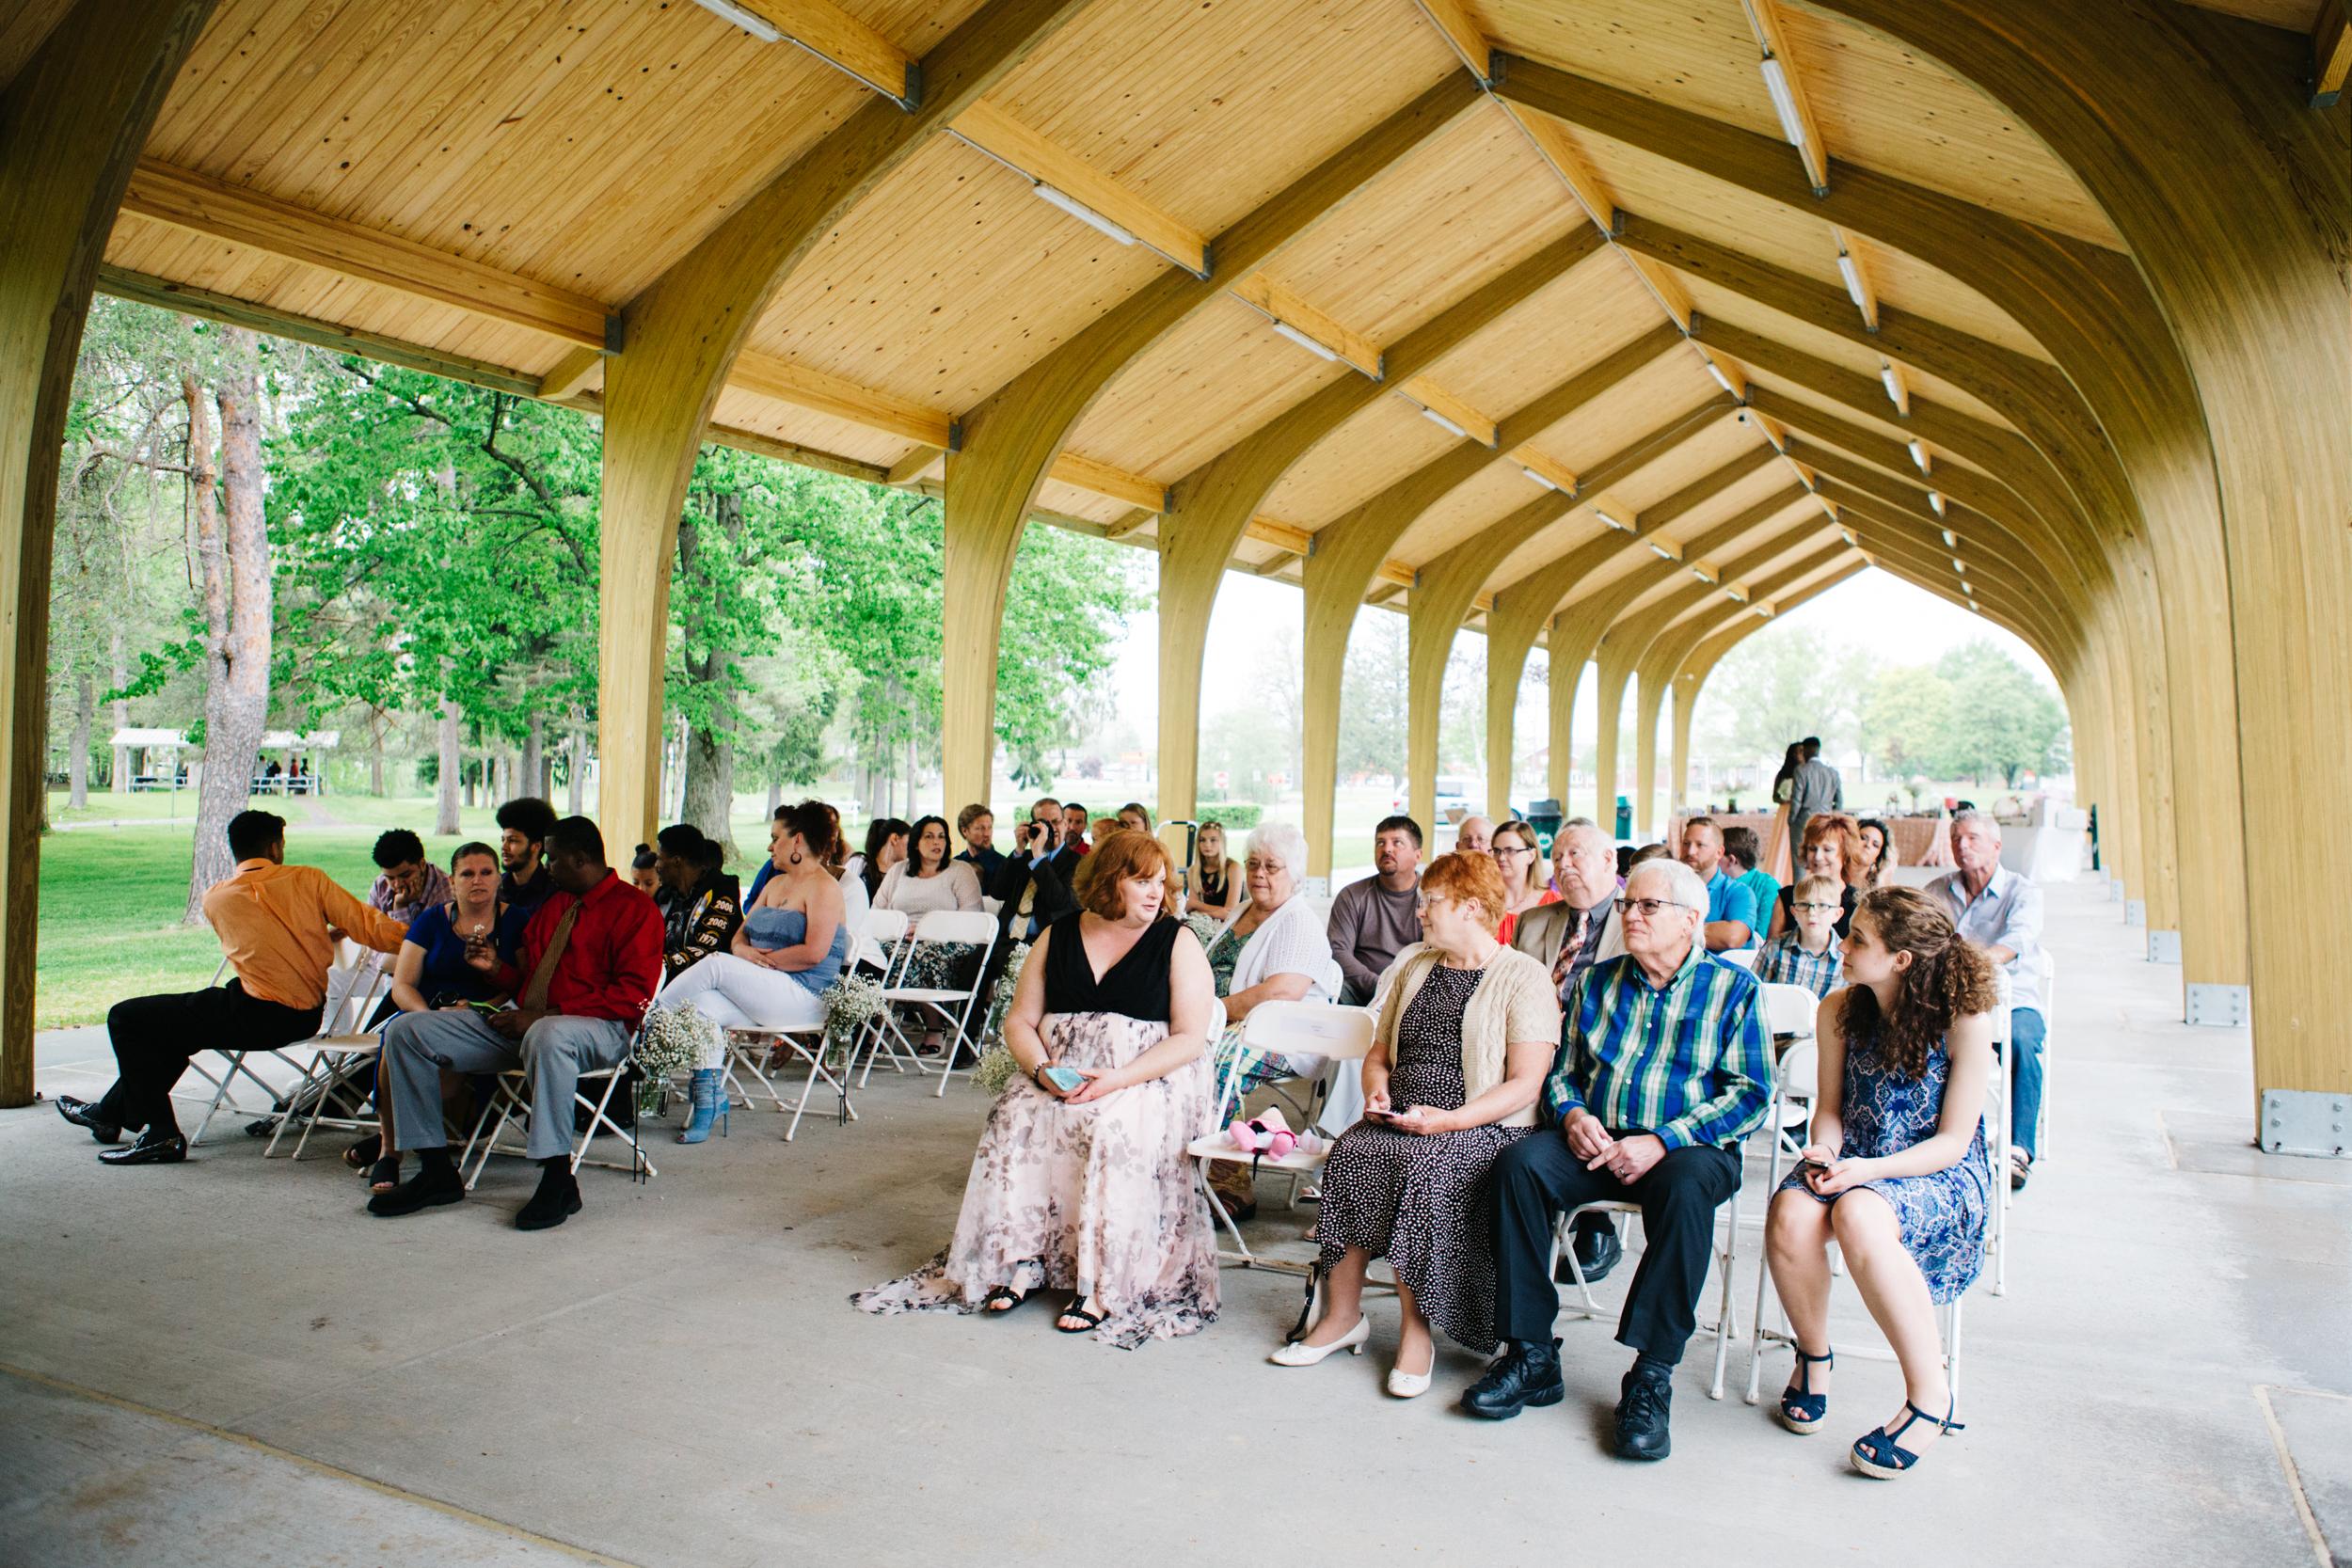 Picnic Shelter Wedding